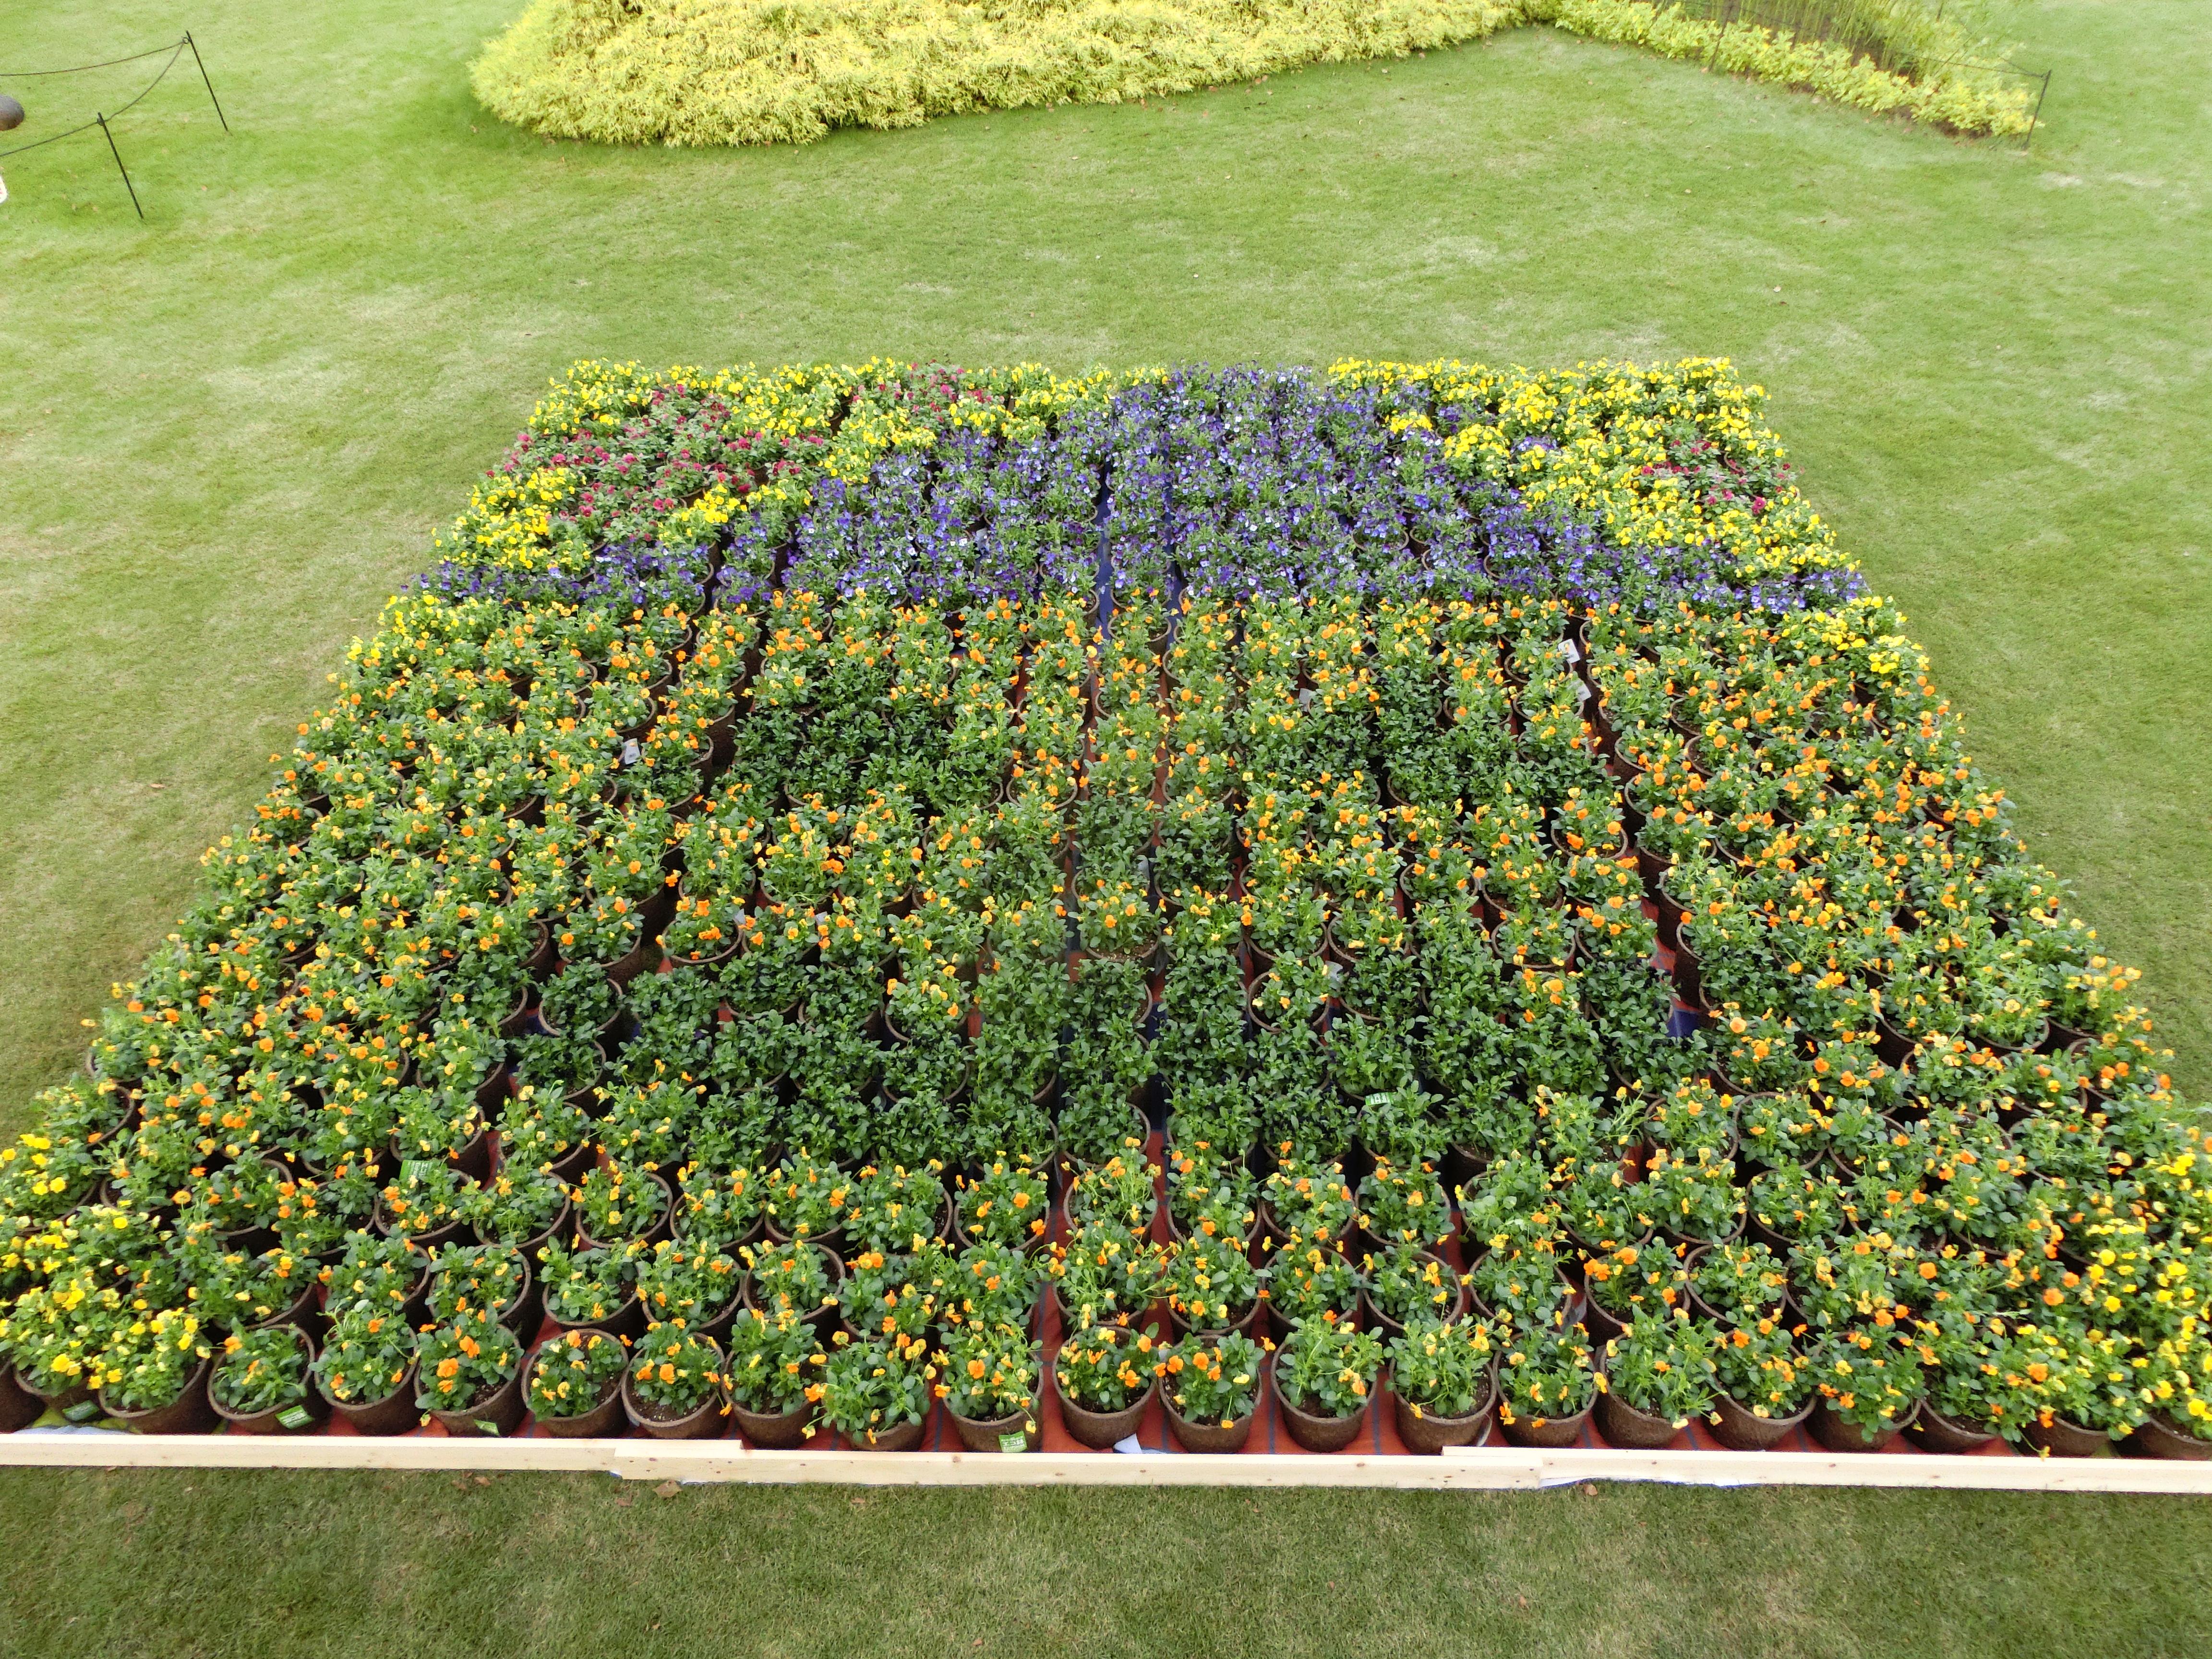 初日は雨だったので人出が少なく「本当に完成するのだろうか?」と心配でしたが、2日目には晴れて来場者も大幅アップ!  見事巻き返し、巨大ハロウィン花壇が出来上がりました。この花壇は10月31日までデンパーク内に設置されていました。